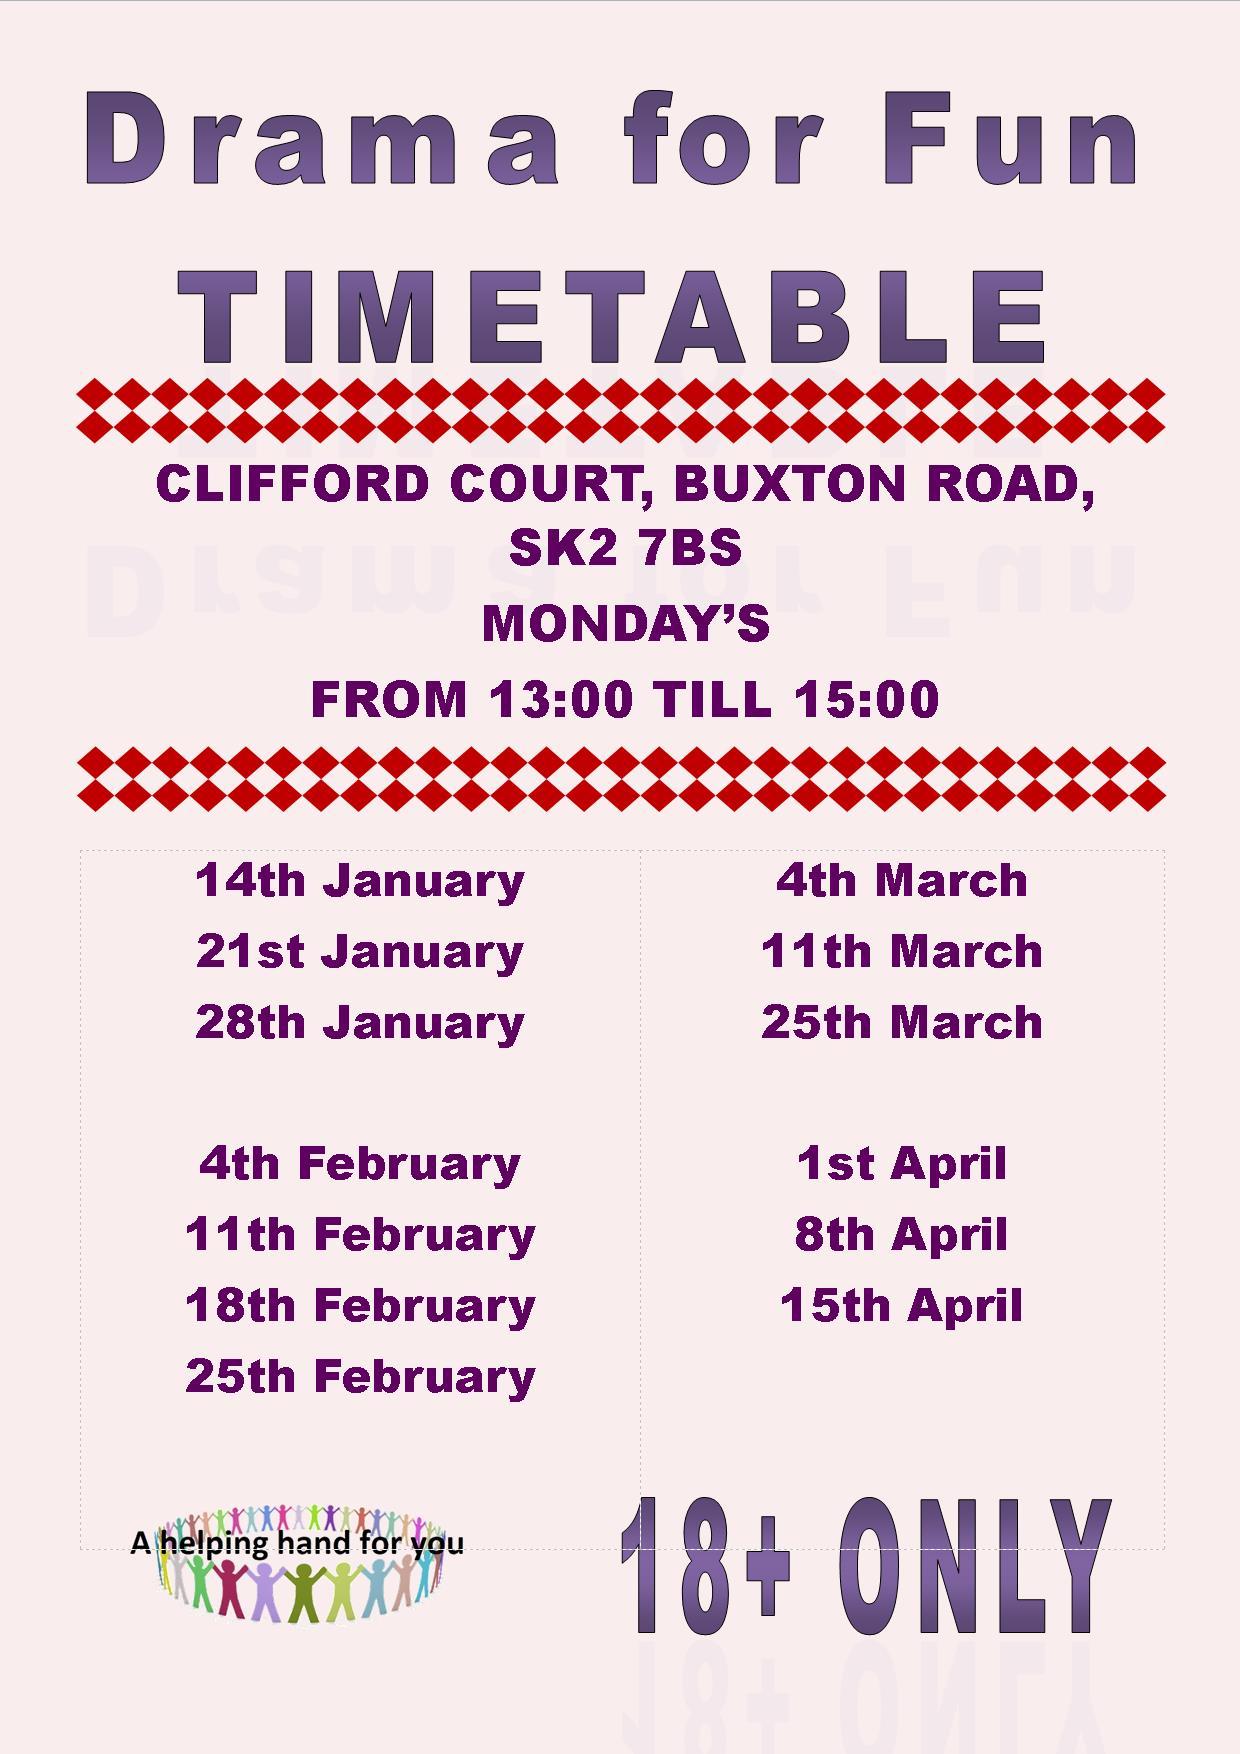 Drama for fun timetable